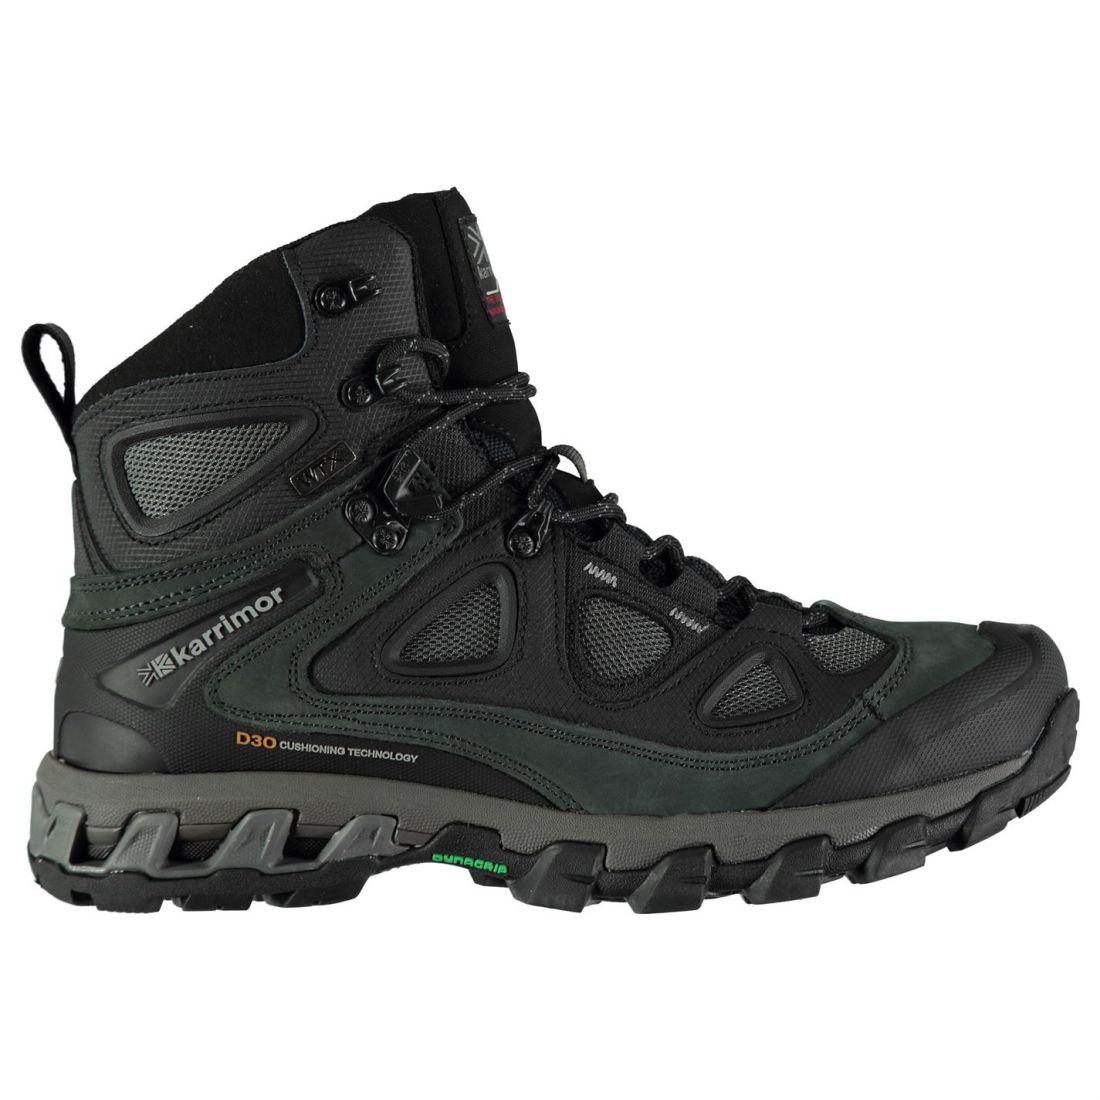 Karrimor Ksb Jaguar Event Walking Hiking Boots Lace Up Gents Mens